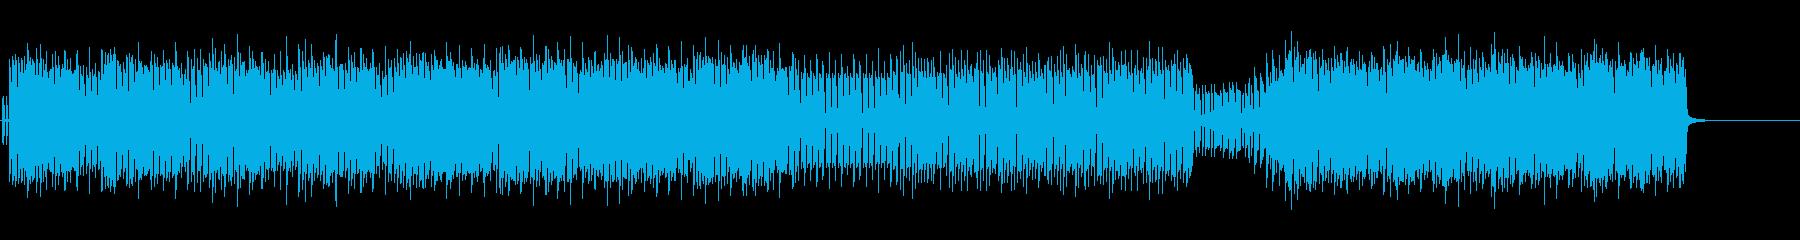 キラキラとのびやかな四つ打ちポップの再生済みの波形